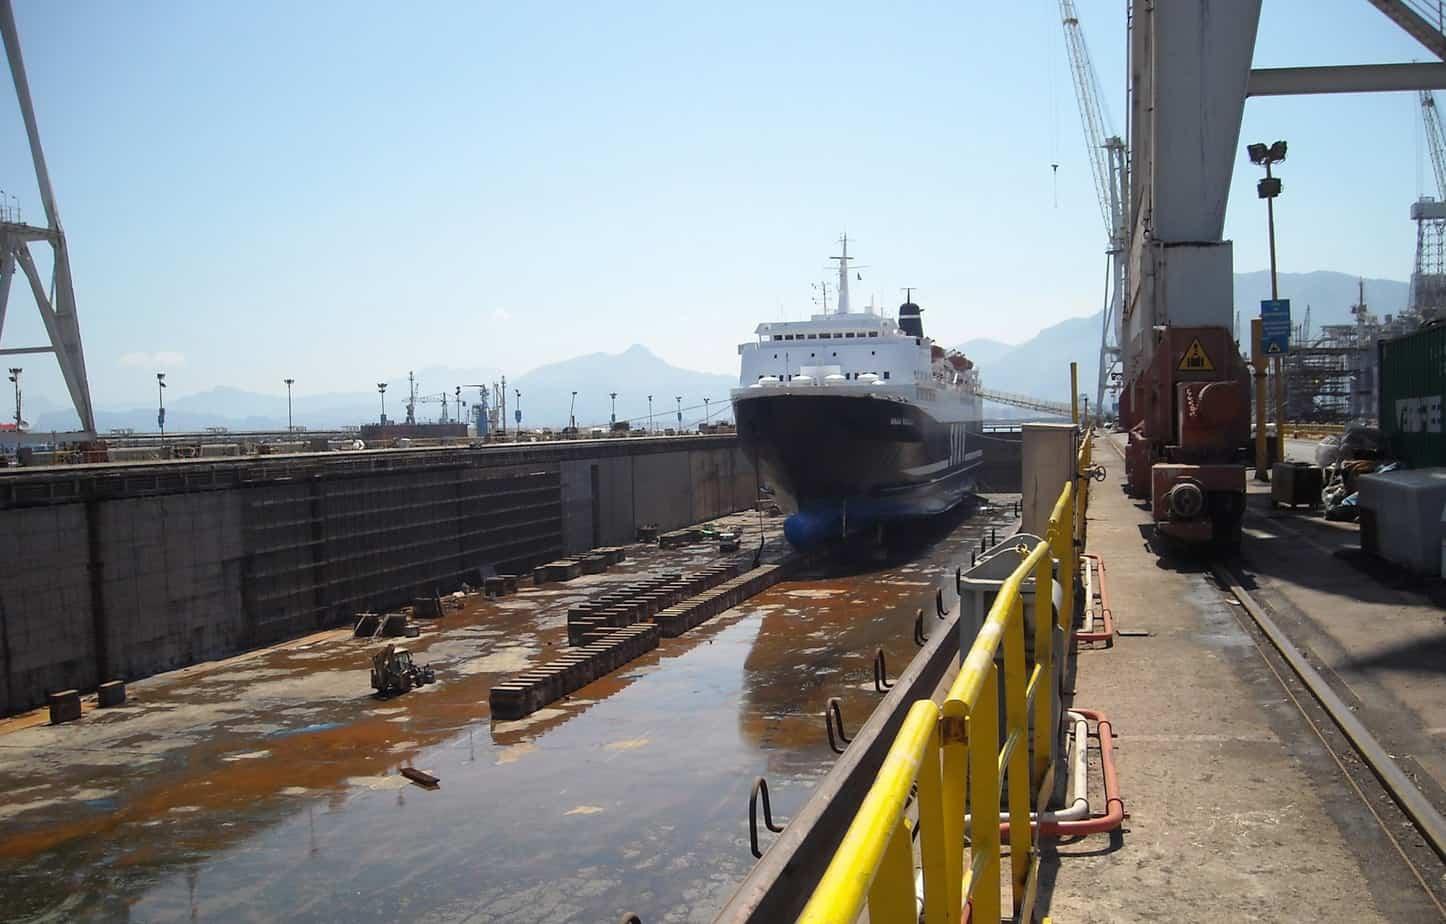 Sul Mediterraneo si affacciano e operano Paesi comunitari e Paesi non comunitari con esigenze e Normative di settore diverse